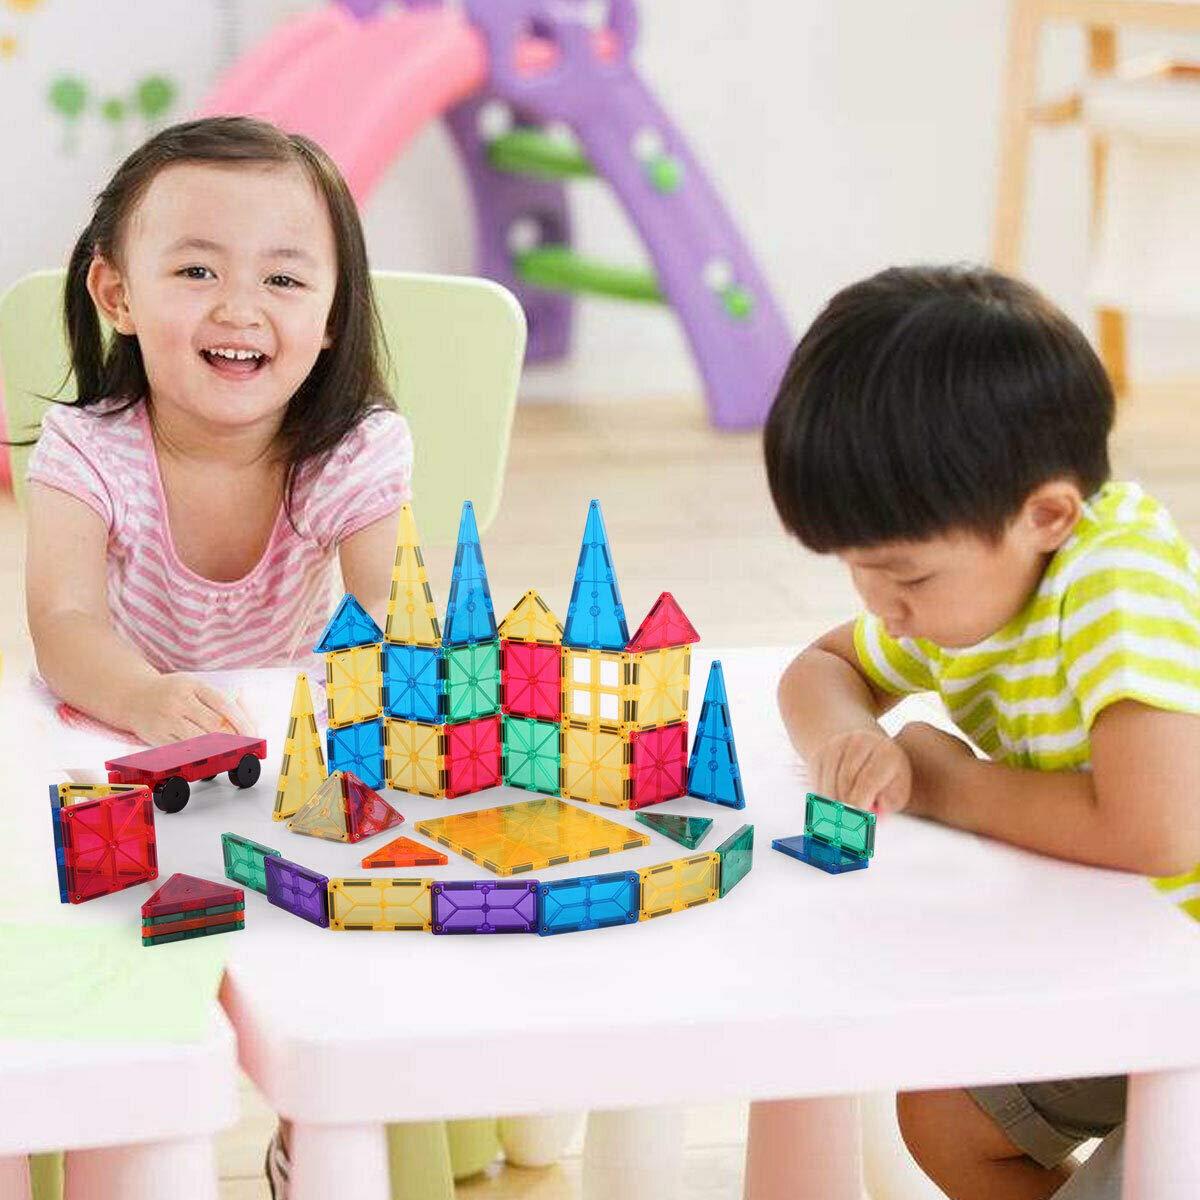 100 Piece Set Clear Magnet Building Tiles Magnetic 3D Building Blocks Construction Preschool Educational Toy Kit for Kids